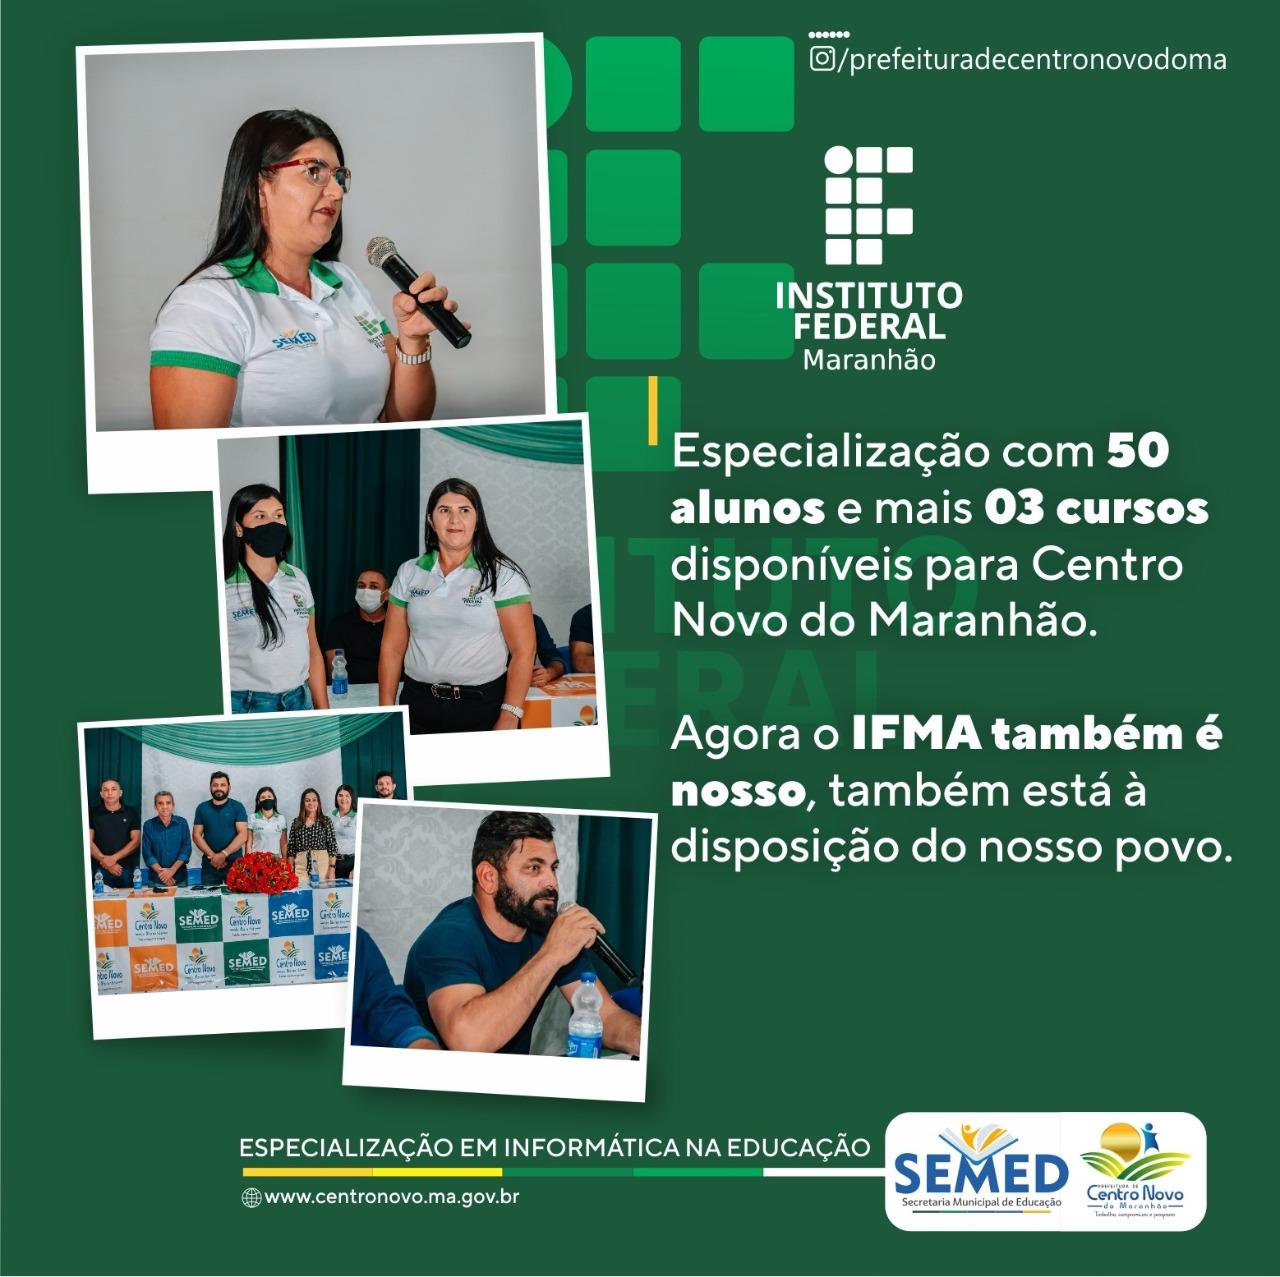 Centro Novo do Maranhão celebra parceria com o IFMA